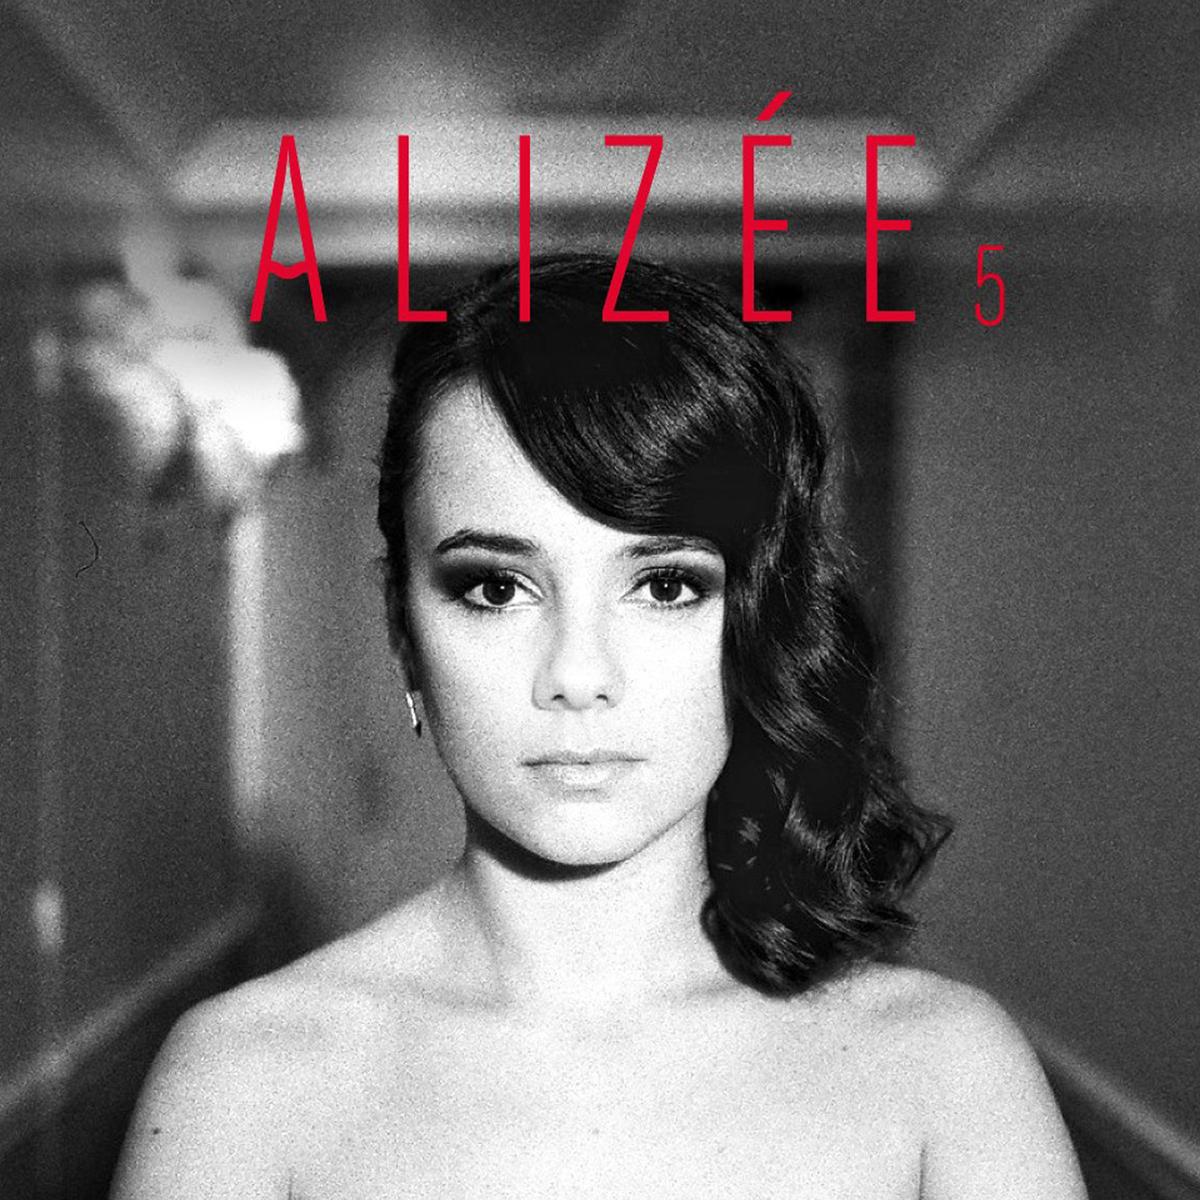 Alizée-5-2013-1200x1200